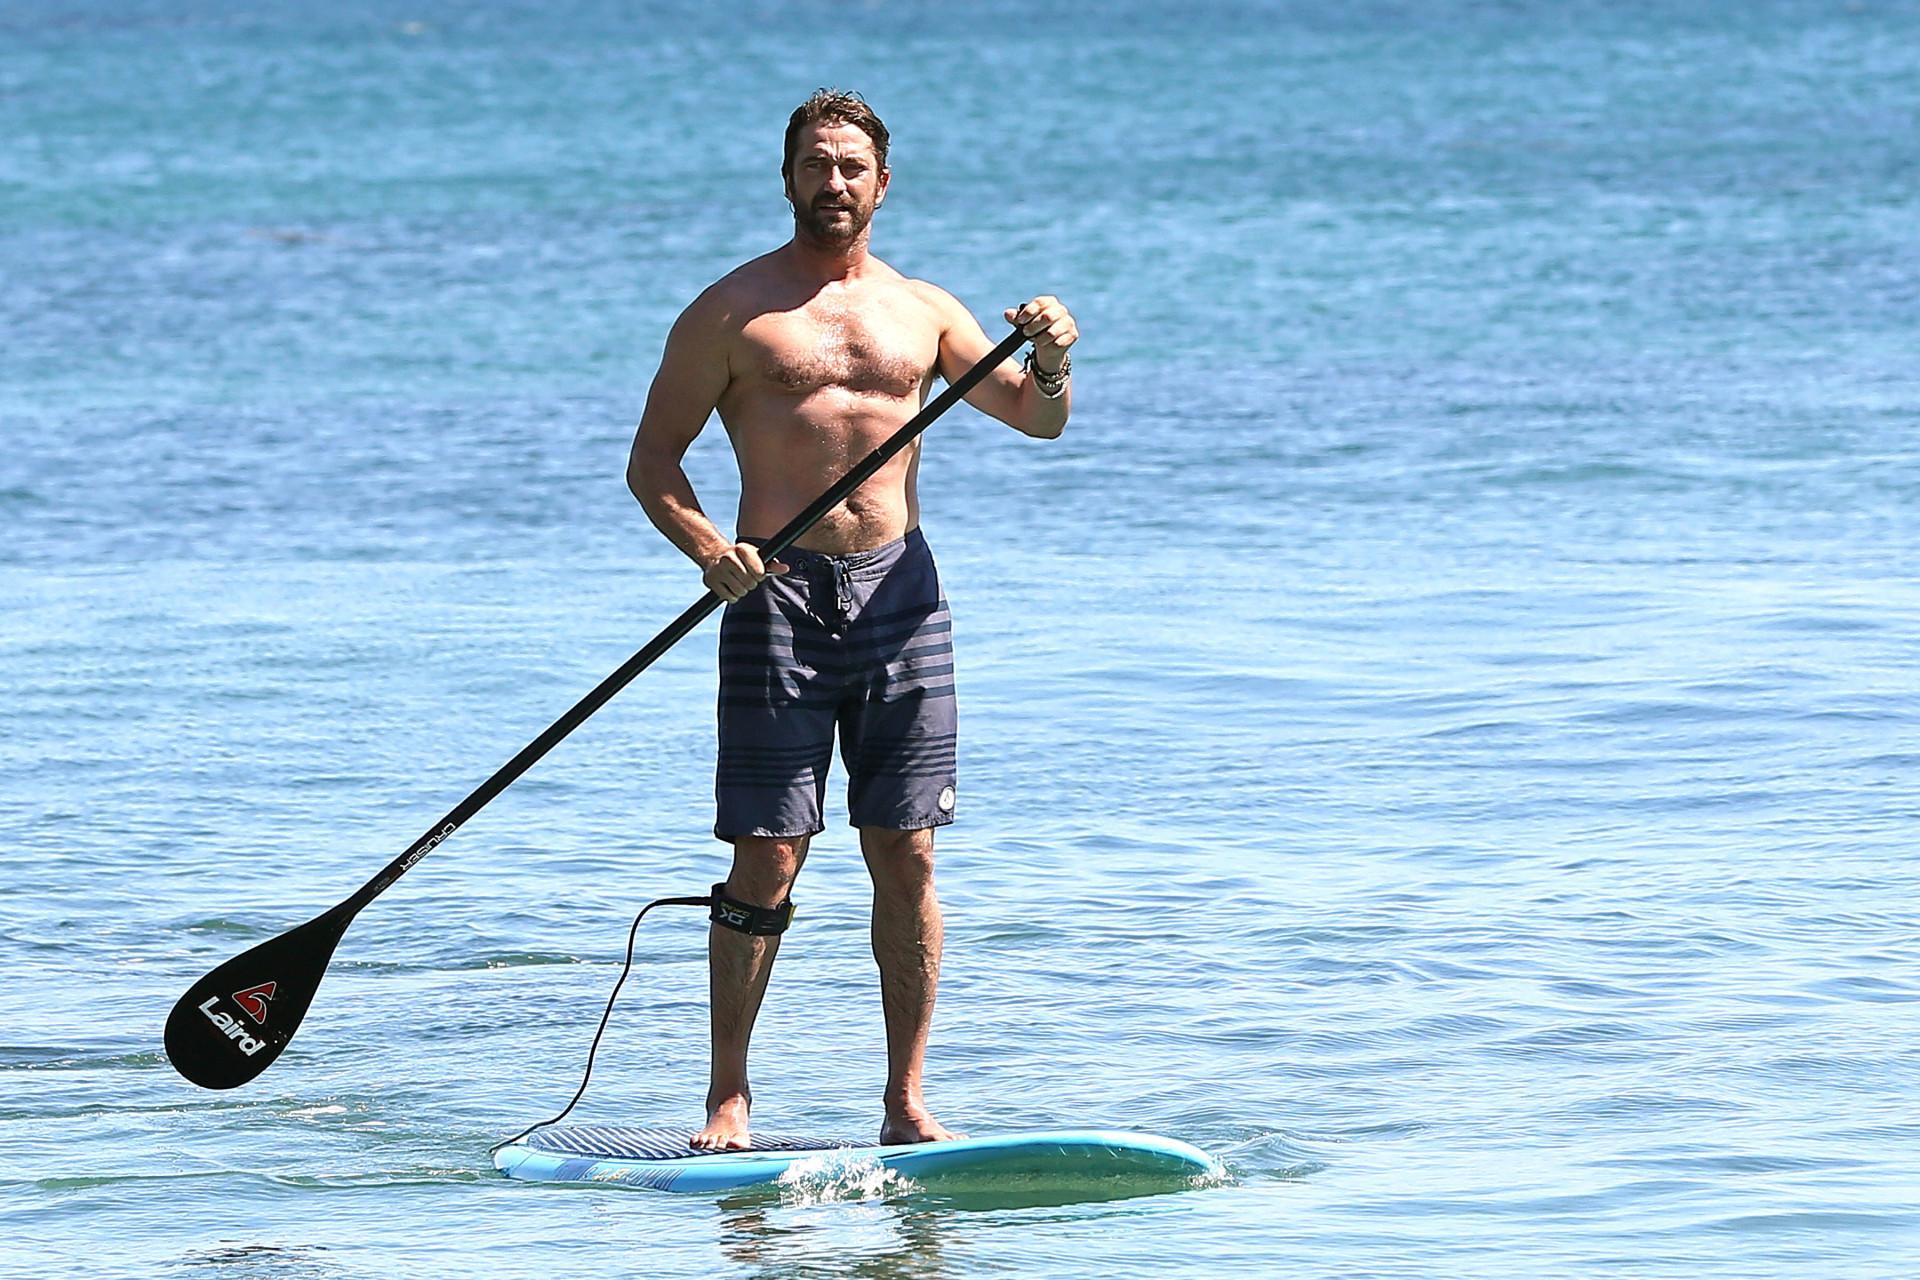 Surfistas: veja os famosos que adoram pegar uma onda!